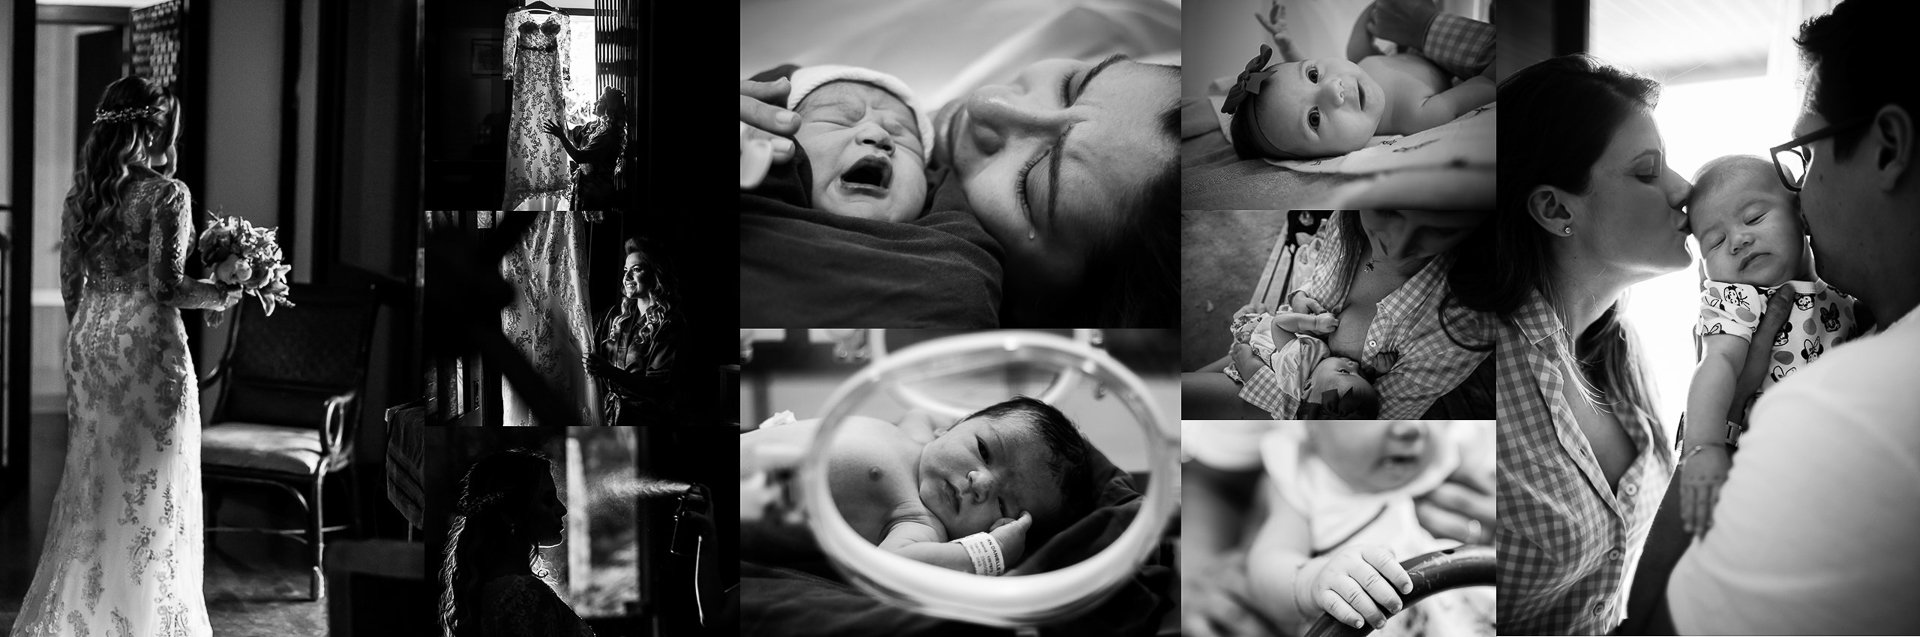 Contate Mi Oliveira - Fotografia de Partos e Famílias | Rio de Janeiro - RJ